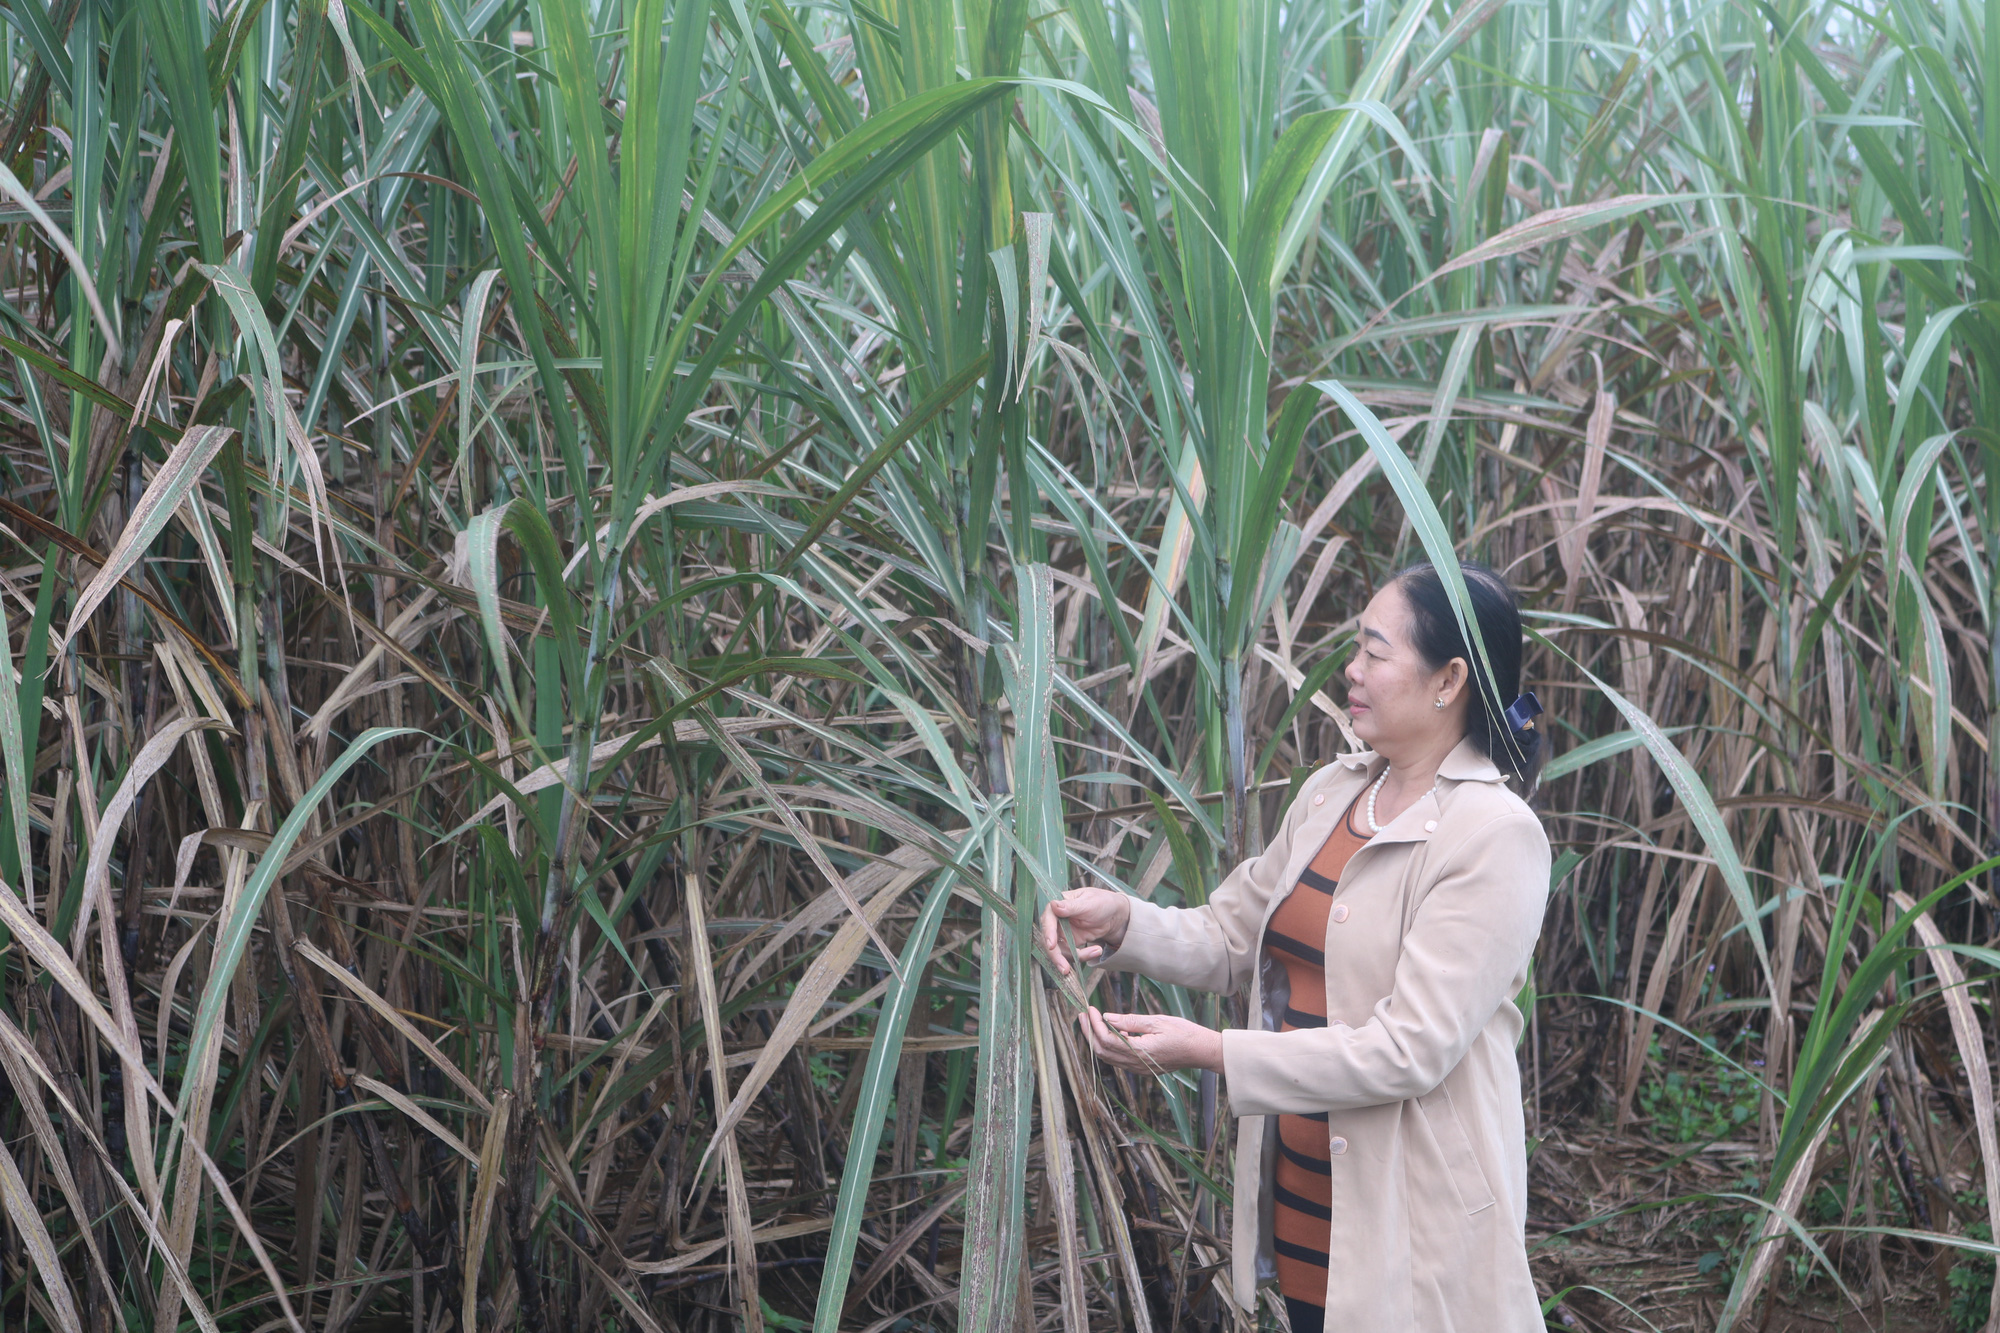 Điều tra chống bán phá sản phẩm mía đường có xuất xứ từ Thái Lan  - Ảnh 3.